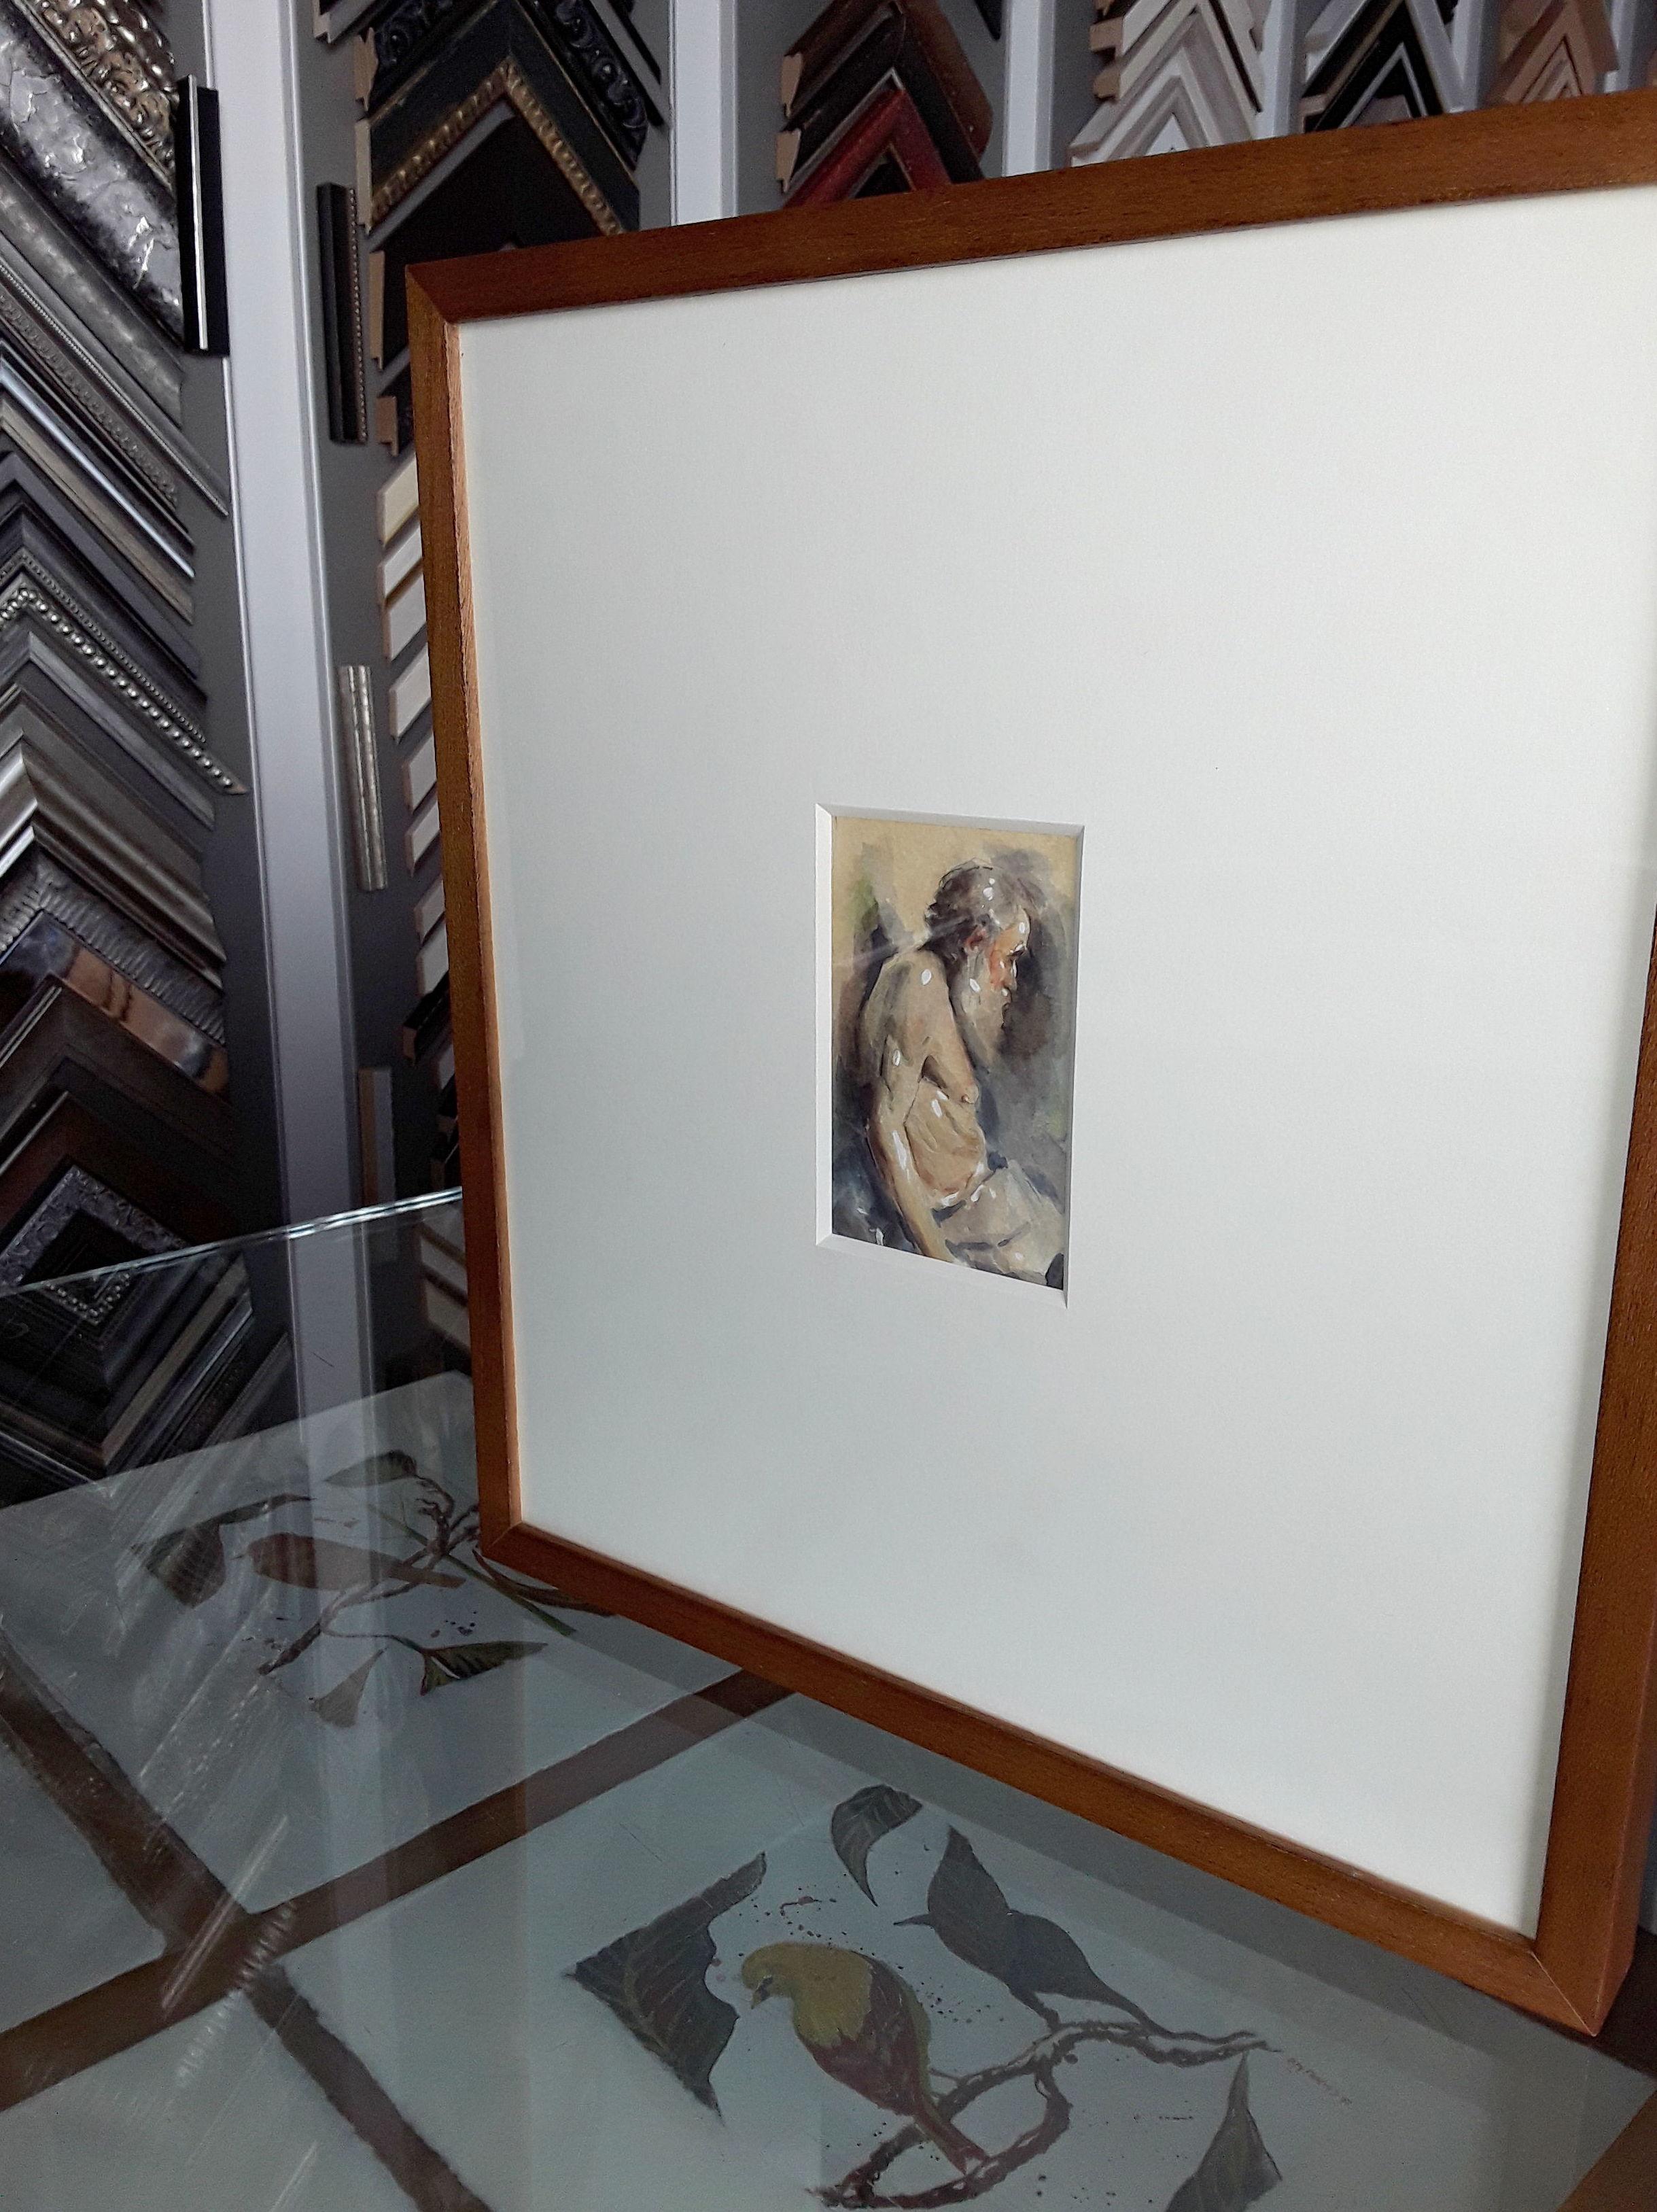 Foto 5 de Marcos y cuadros en San Fernando | Quadro's